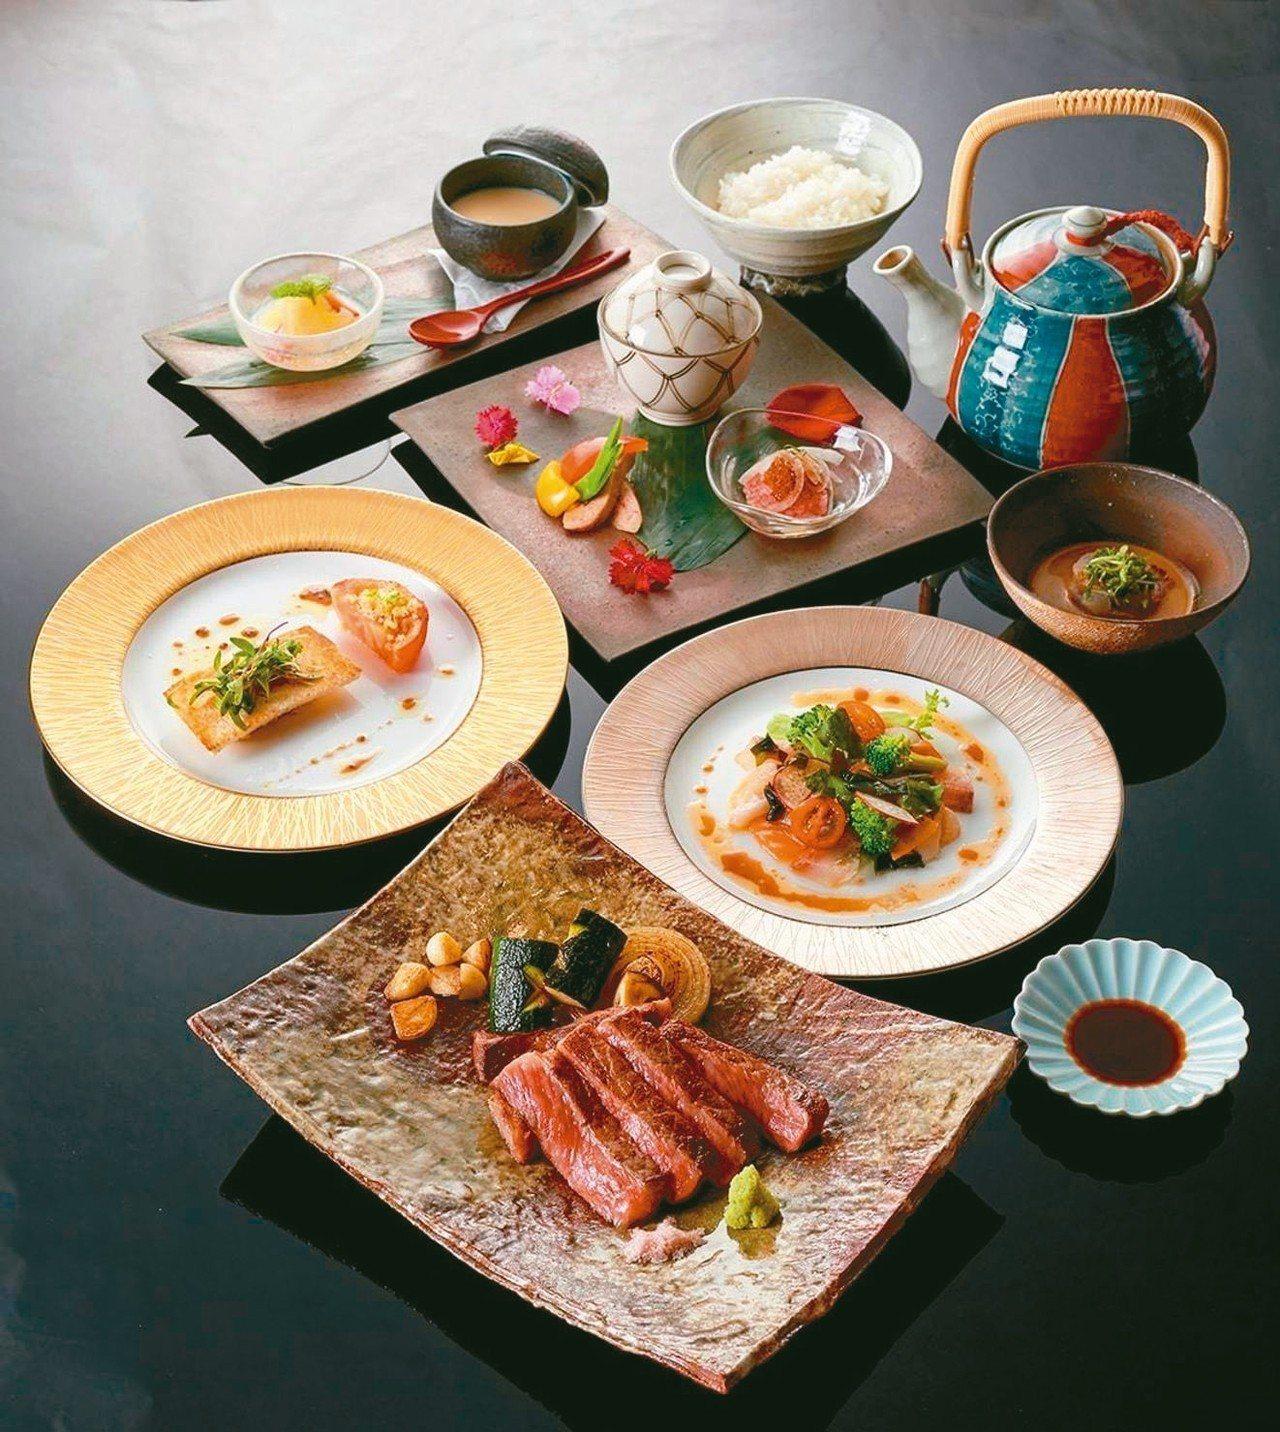 日本全國擁有超過百餘種以地名命名的和牛品牌,其中「佐賀牛」與「松阪牛」、「神戶牛...